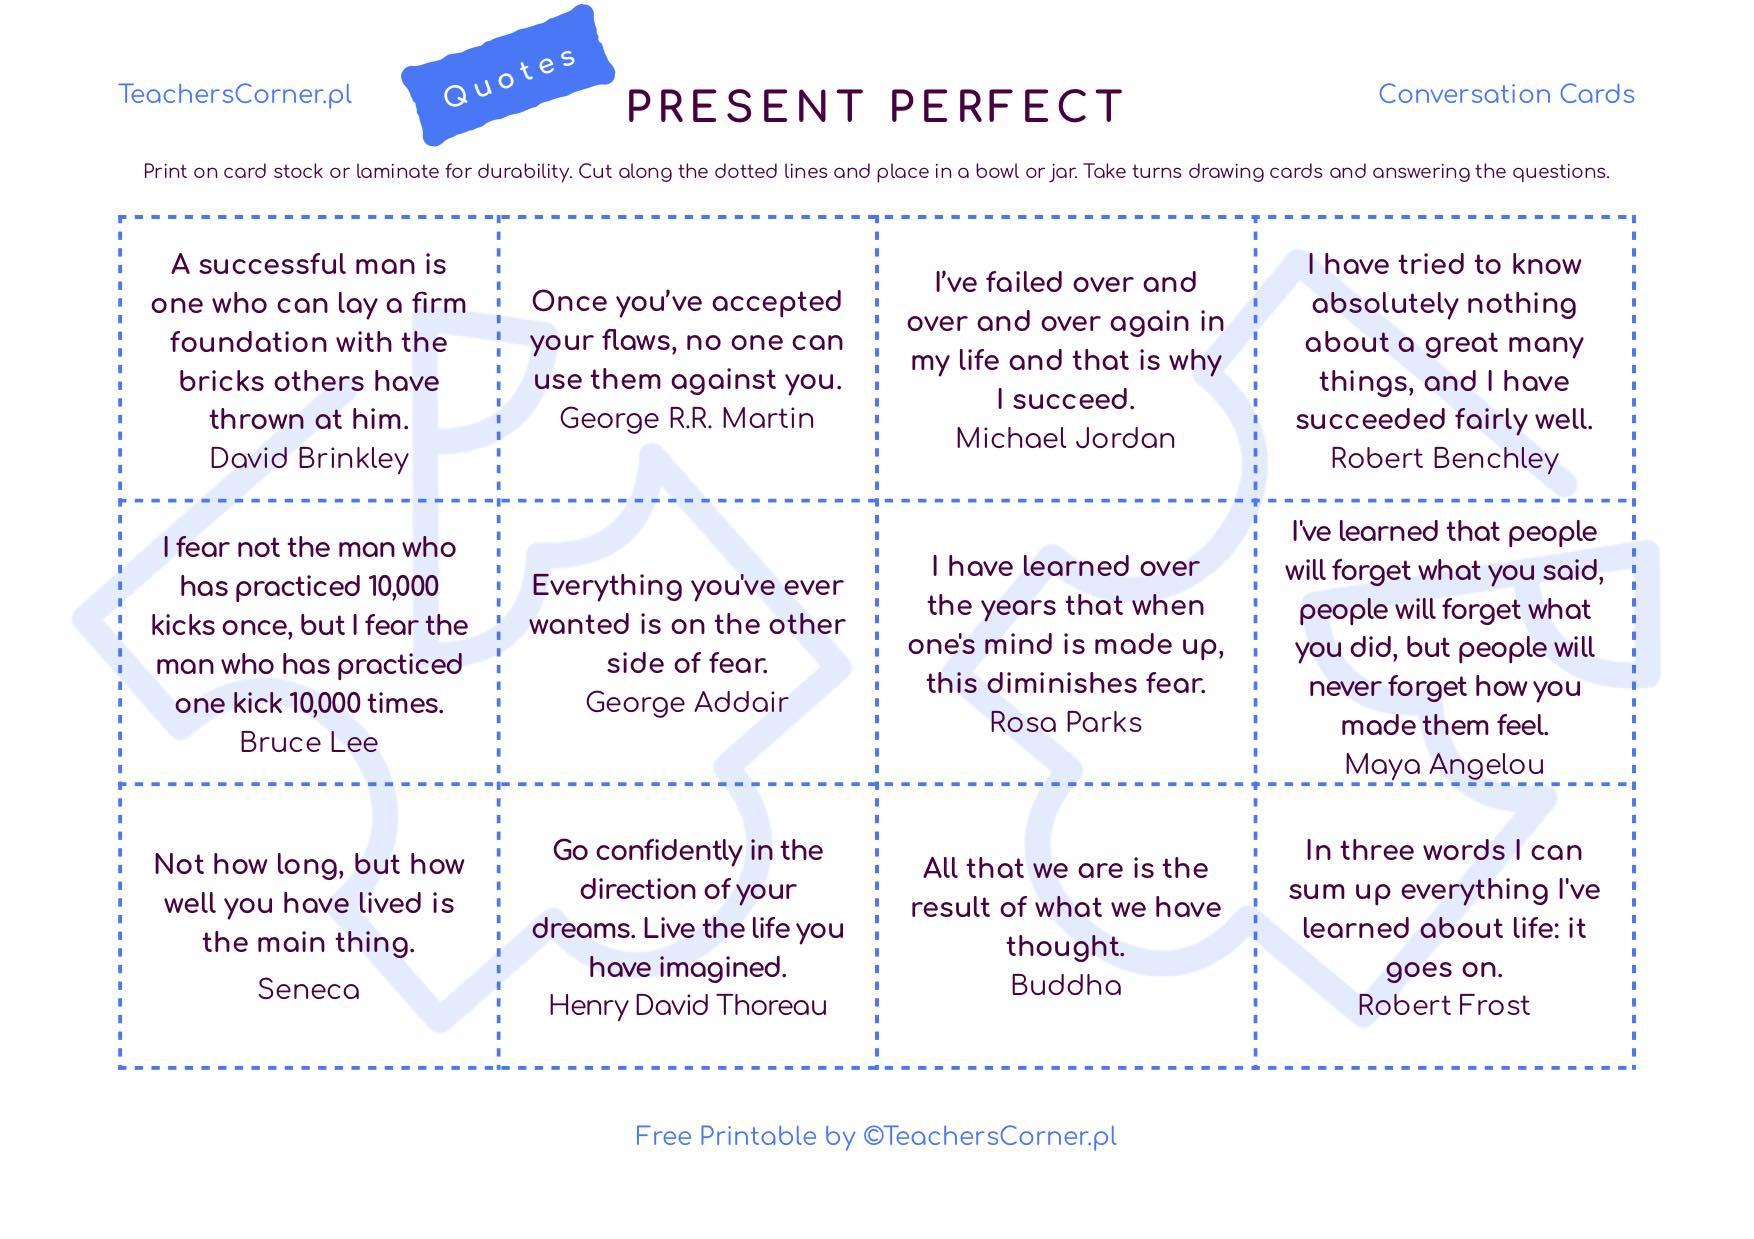 Karty konwersacyjne z cytatami Present Perfecr